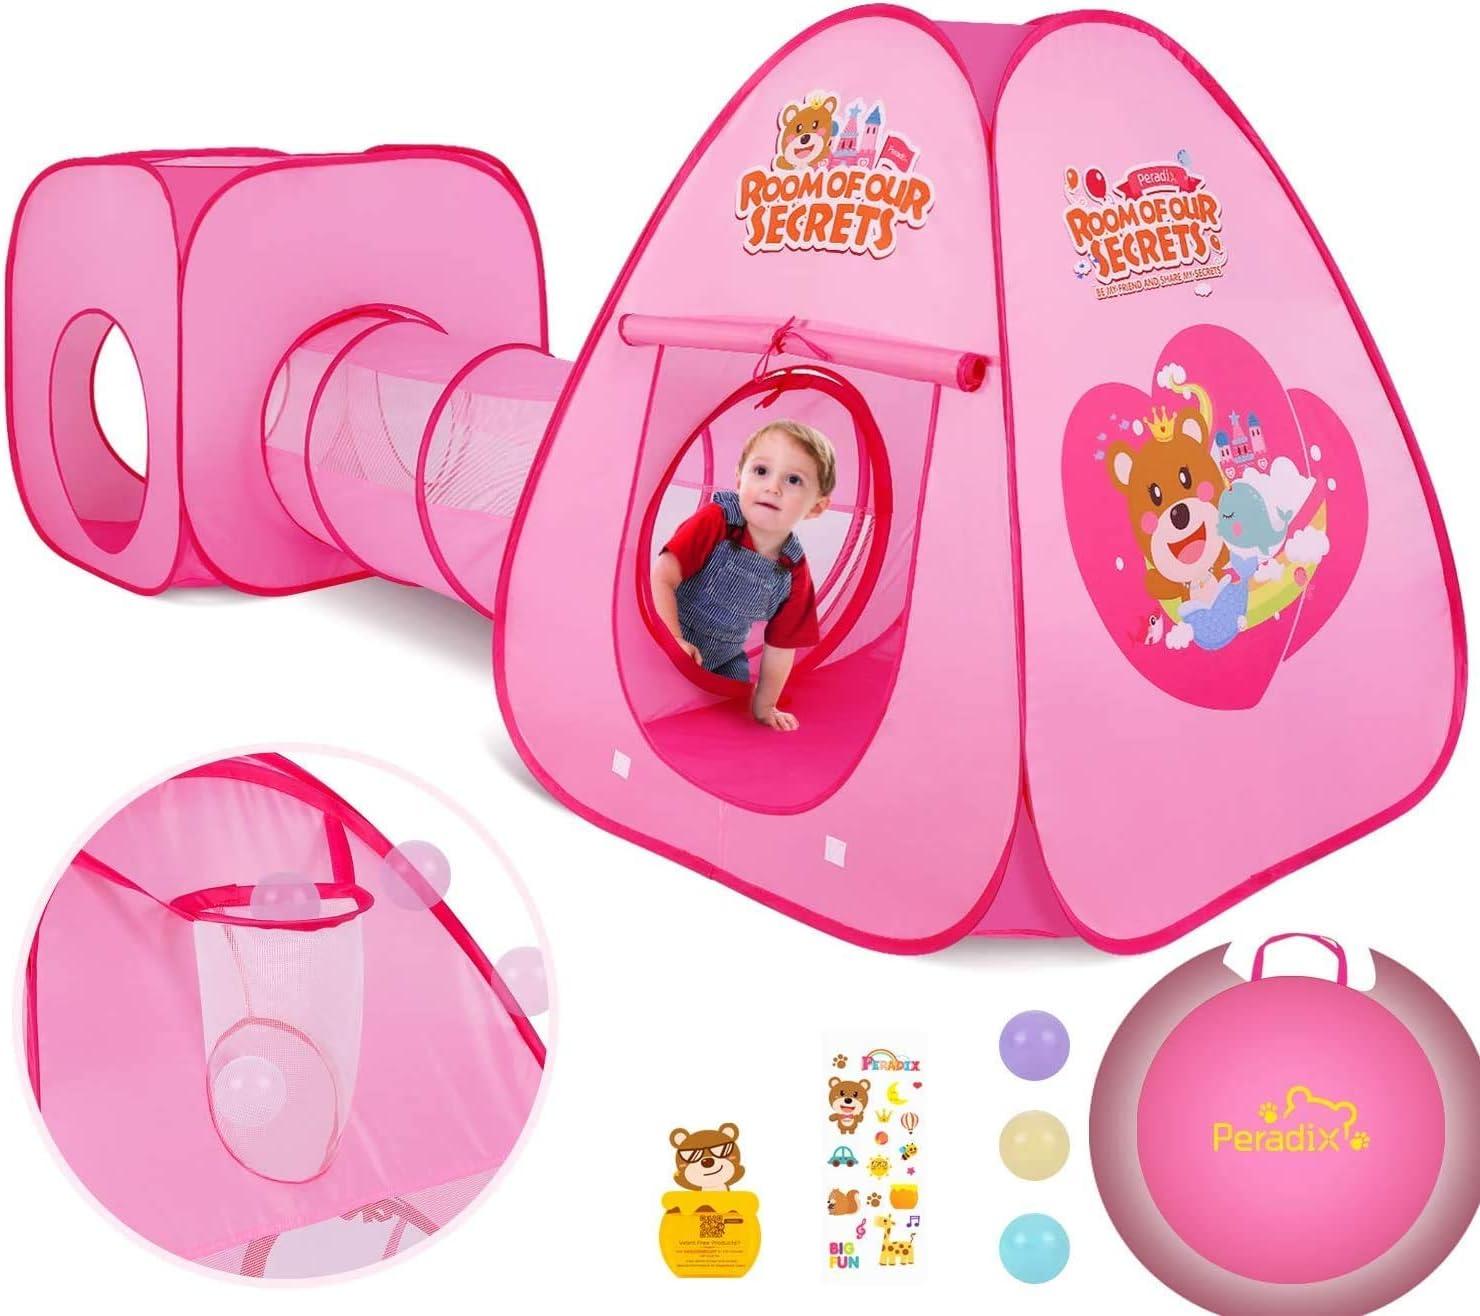 Peradix Tienda de Campaña Infantil con Tunel para Niños,Tiendas de Campaña para Niños,Tunel Infantil con Canasta y Bolas,Jugar Tienda para Interiores/Exteriores Playhouse